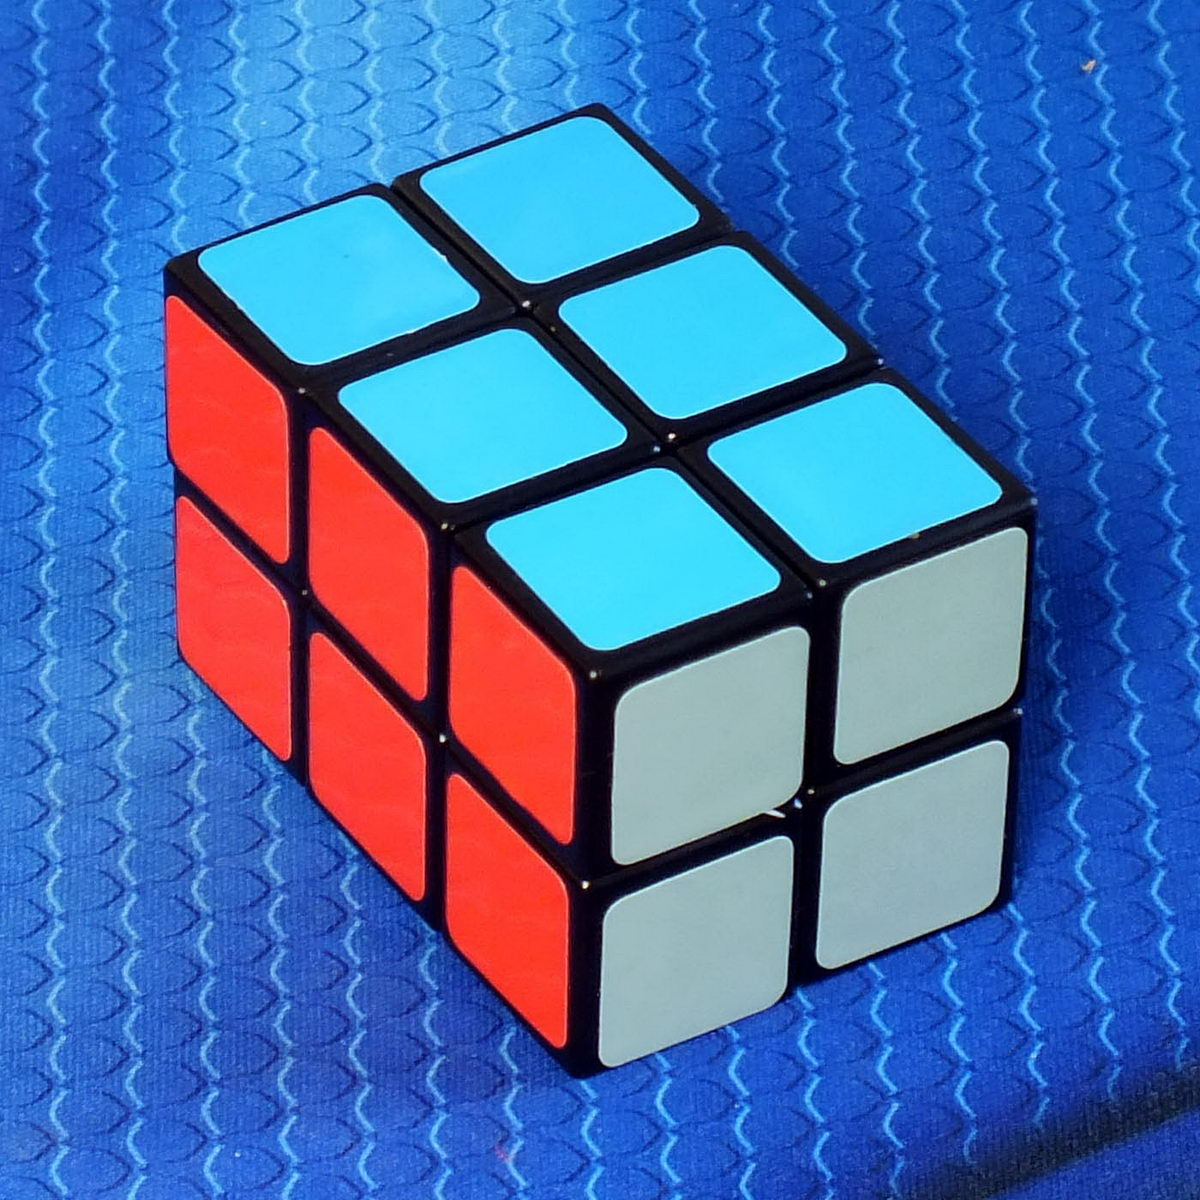 X-cube 2x2x3 black